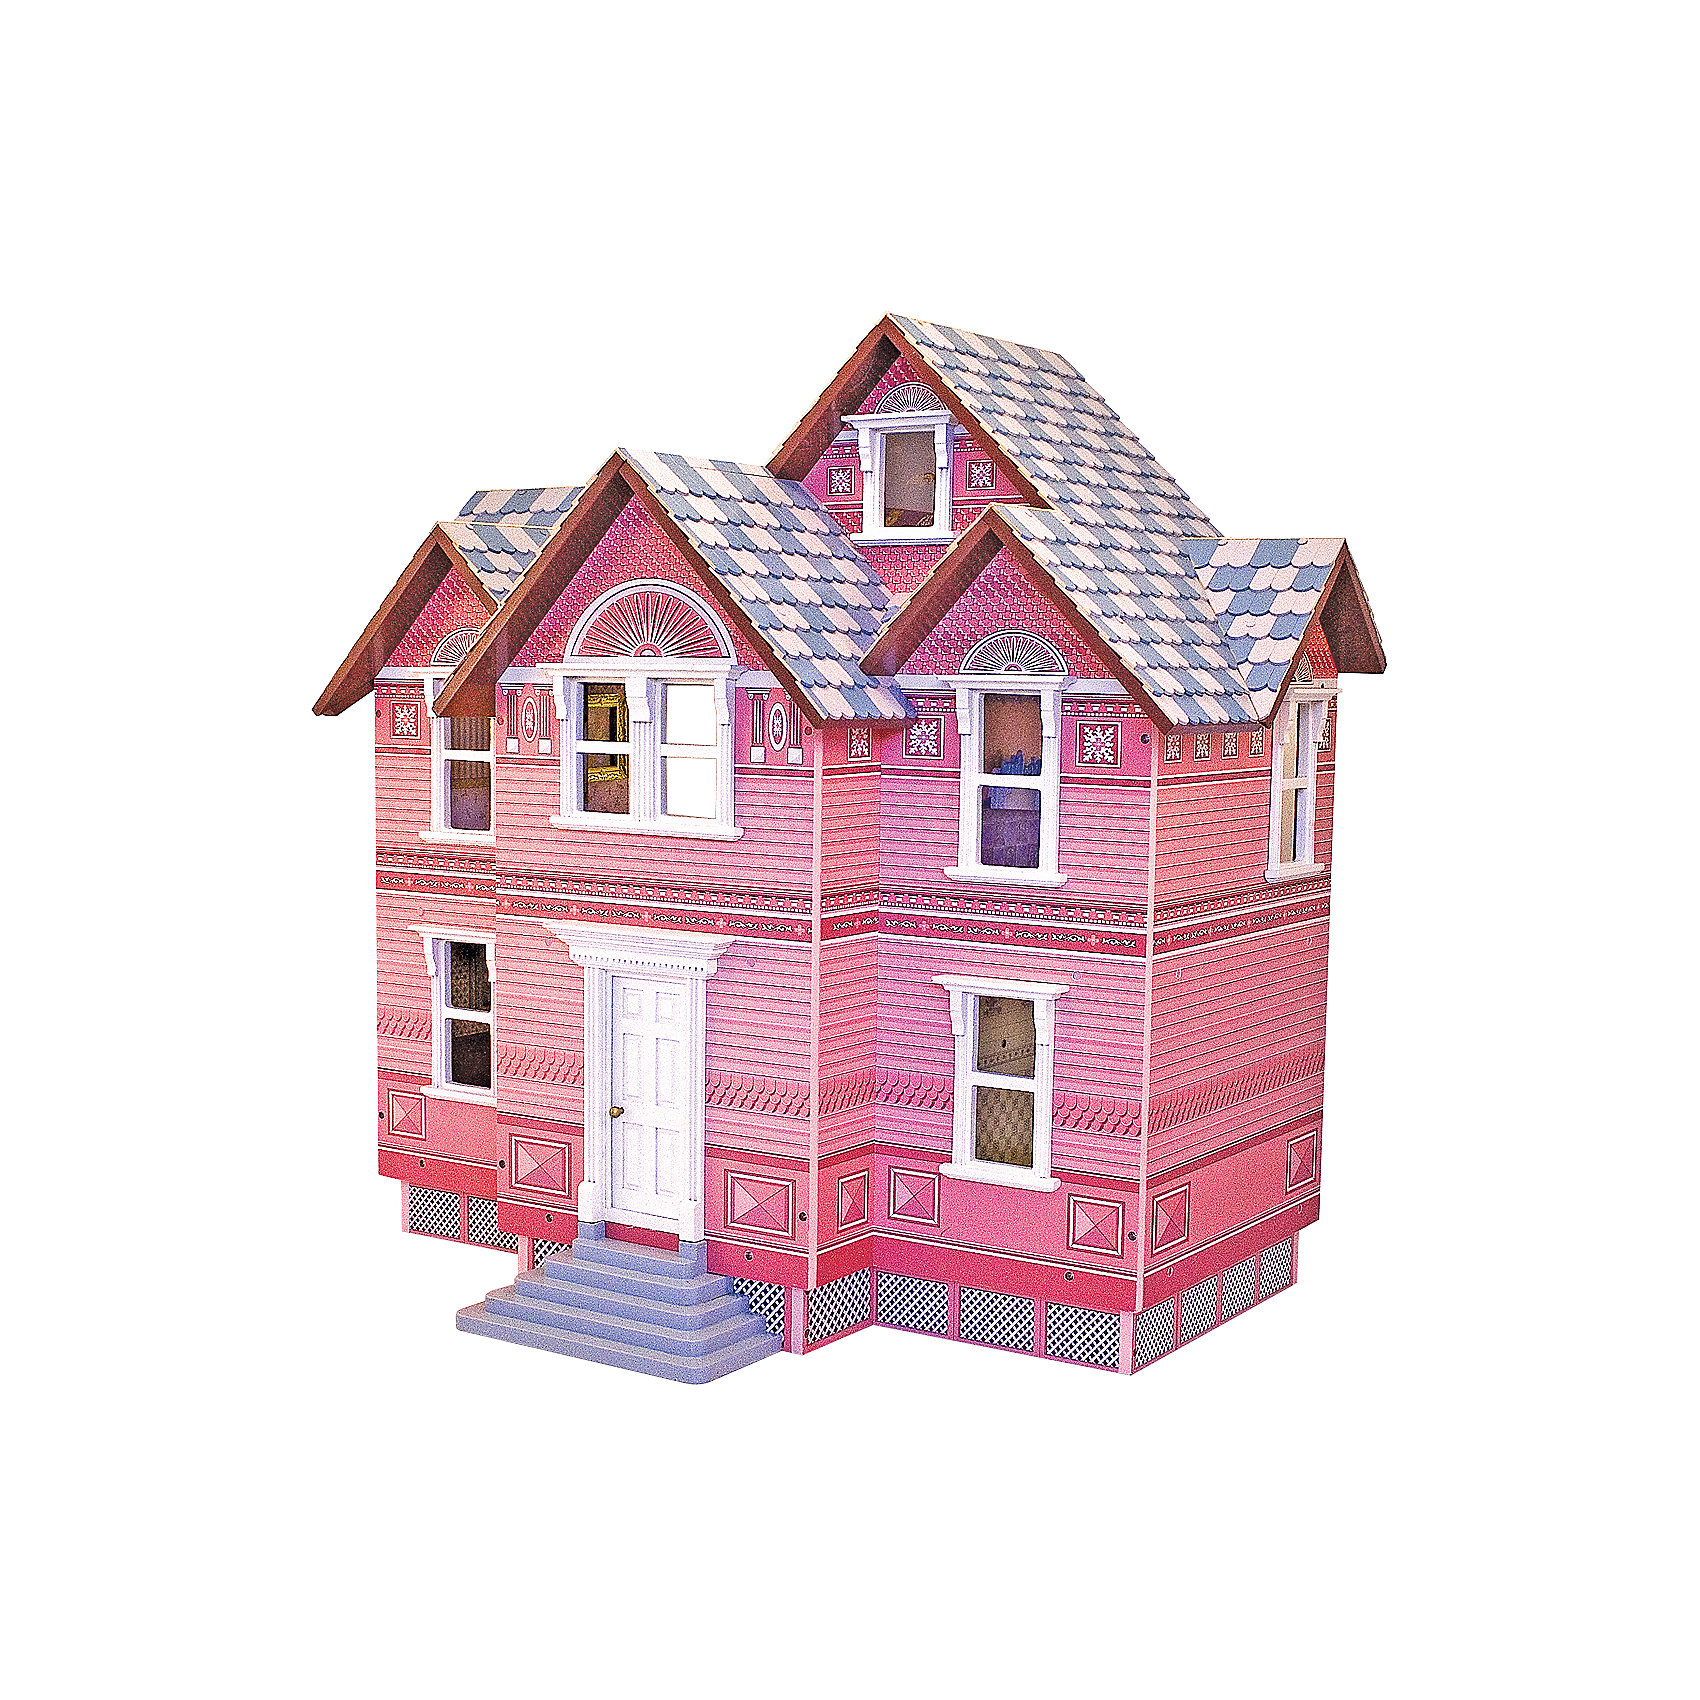 Викторианский дом для кукол, Melissa&amp;DougВеликолепный Кукольный домик выполнен в Викторианском стиле, что позволит перенестись в сказочный мир принцесс того времени. В деревянном домике есть целых 5 комнат, и три этажа. Каждая комната оформлена в своем стиле. Домик сделан из натурального дерева покрыт нетоксичной и безопасной краской. Кукольный домик станет прекрасной игрушкой для девочки.<br><br>Ширина мм: 460<br>Глубина мм: 300<br>Высота мм: 710<br>Вес г: 19505<br>Возраст от месяцев: 60<br>Возраст до месяцев: 192<br>Пол: Женский<br>Возраст: Детский<br>SKU: 4807389